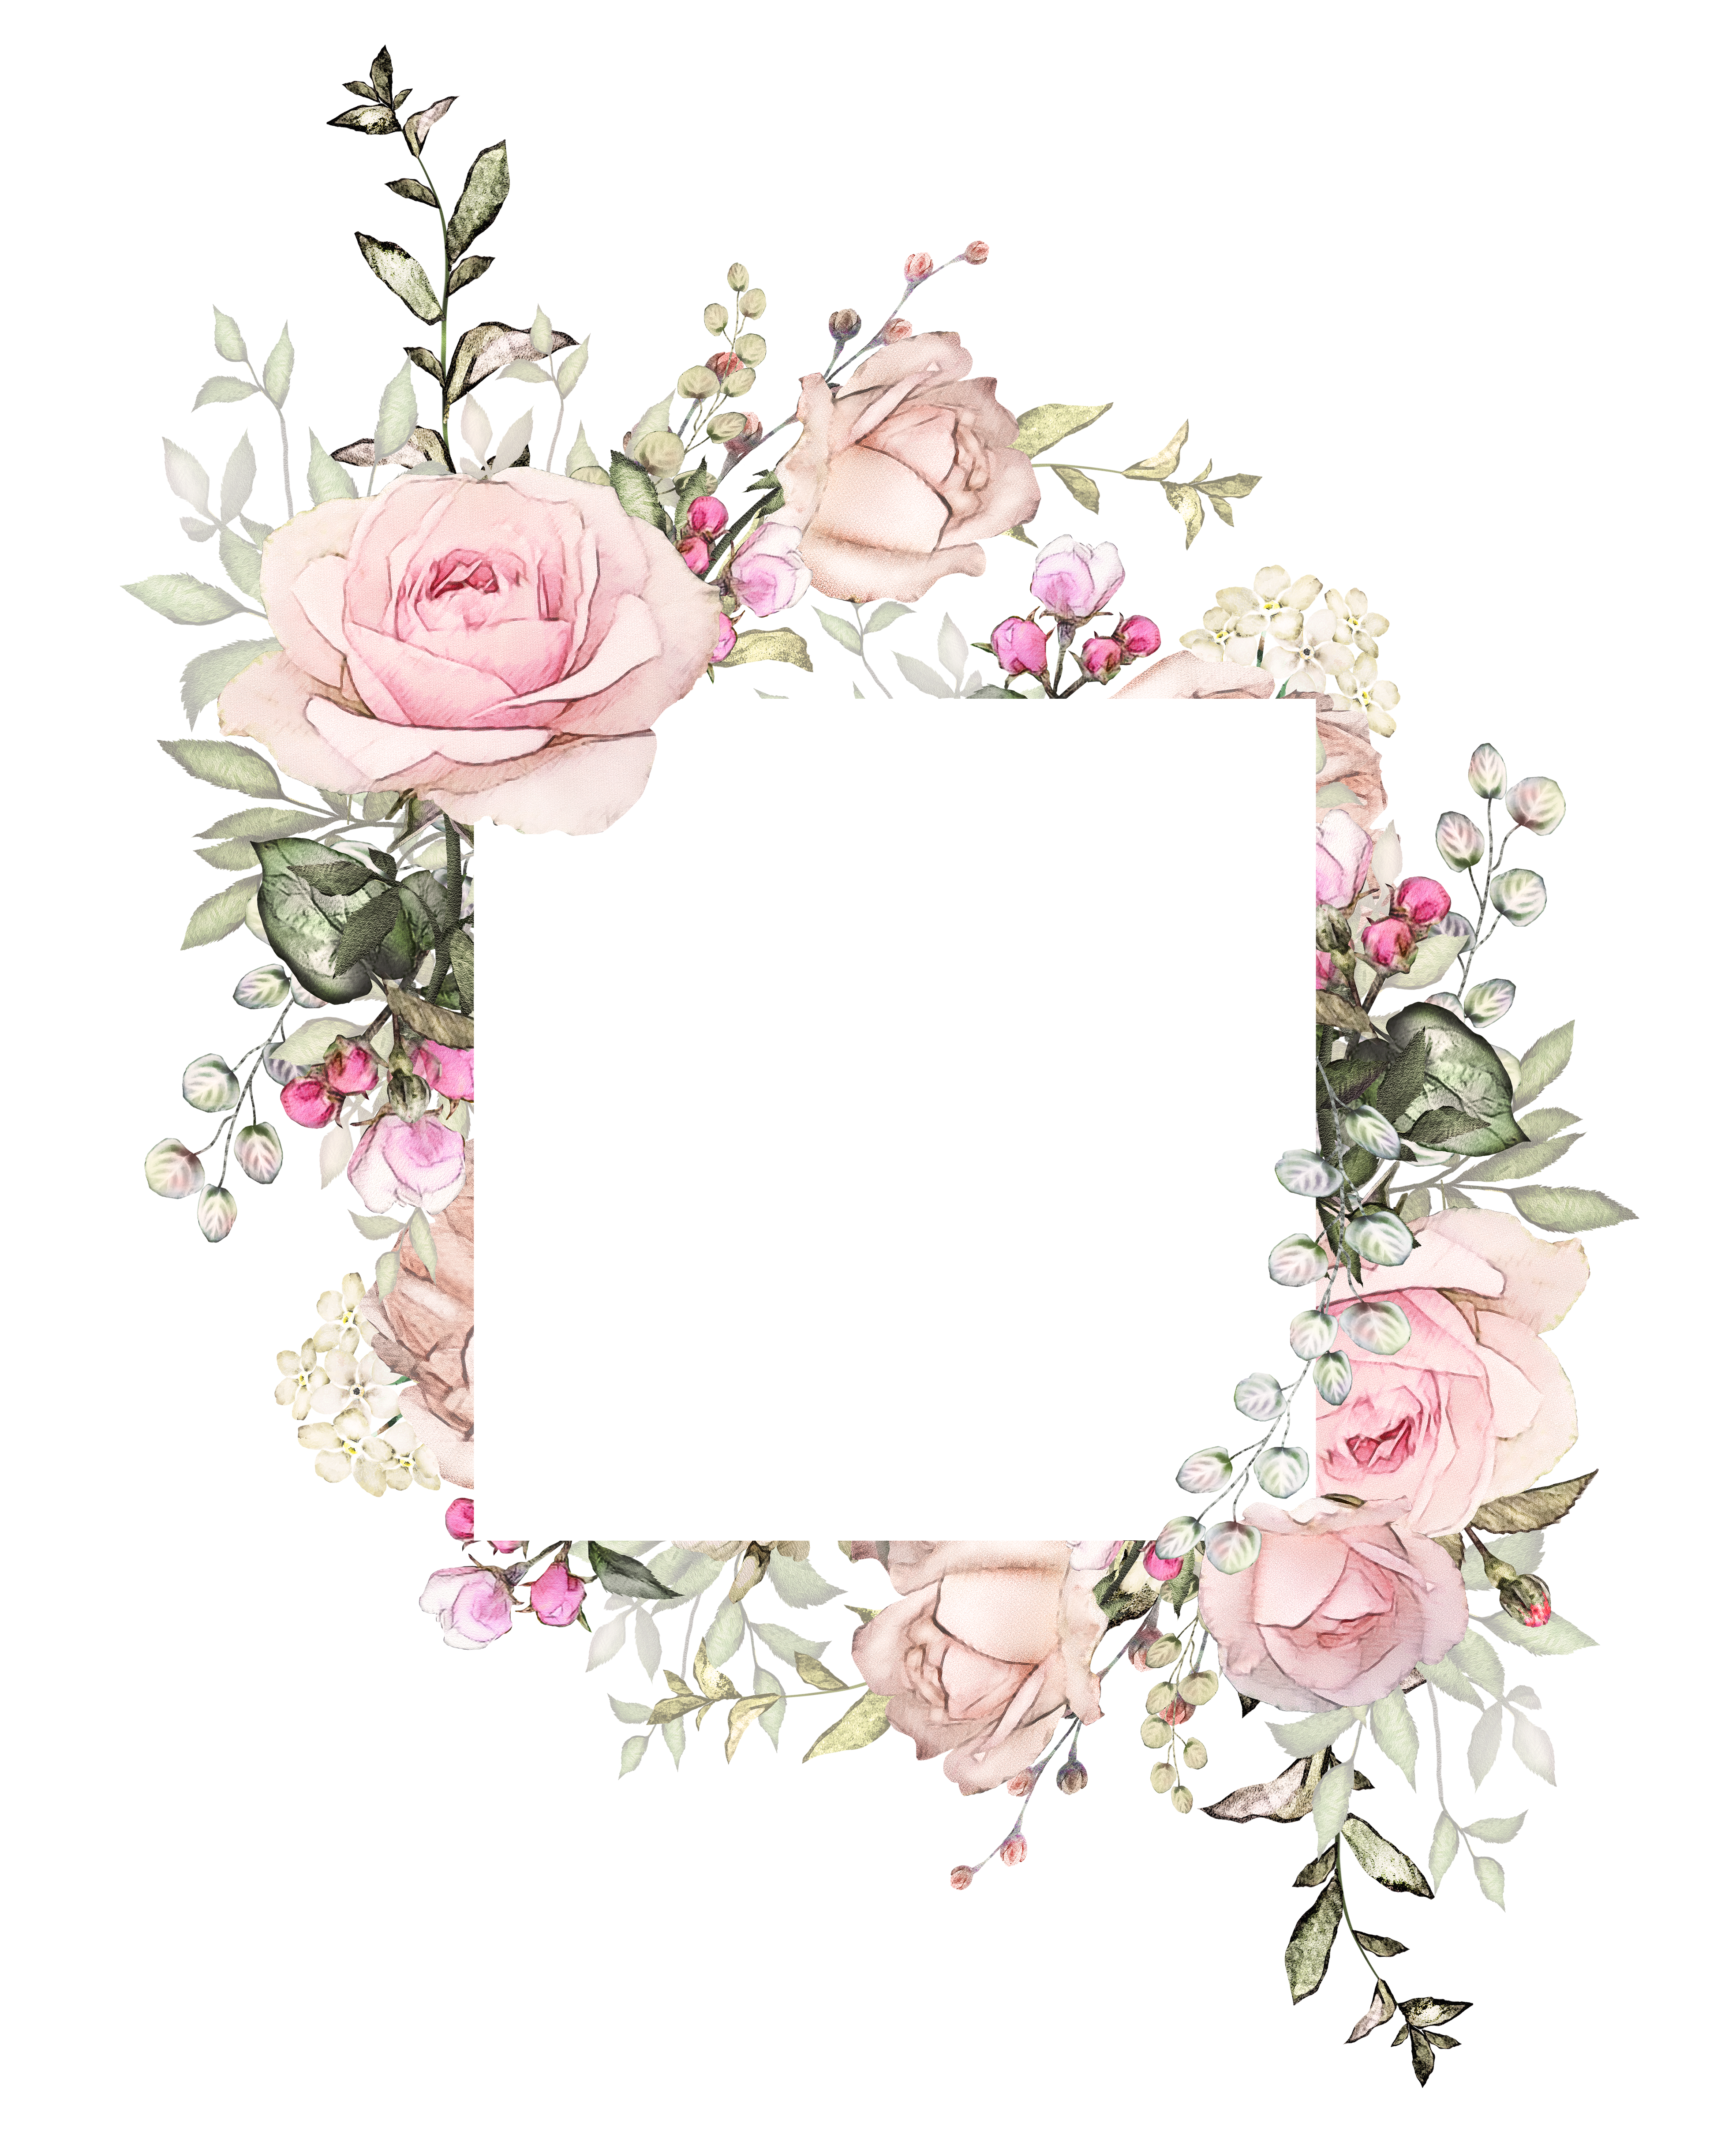 H746a 13 Tarjetas De Invitacion Virtuales Fondos De Flores